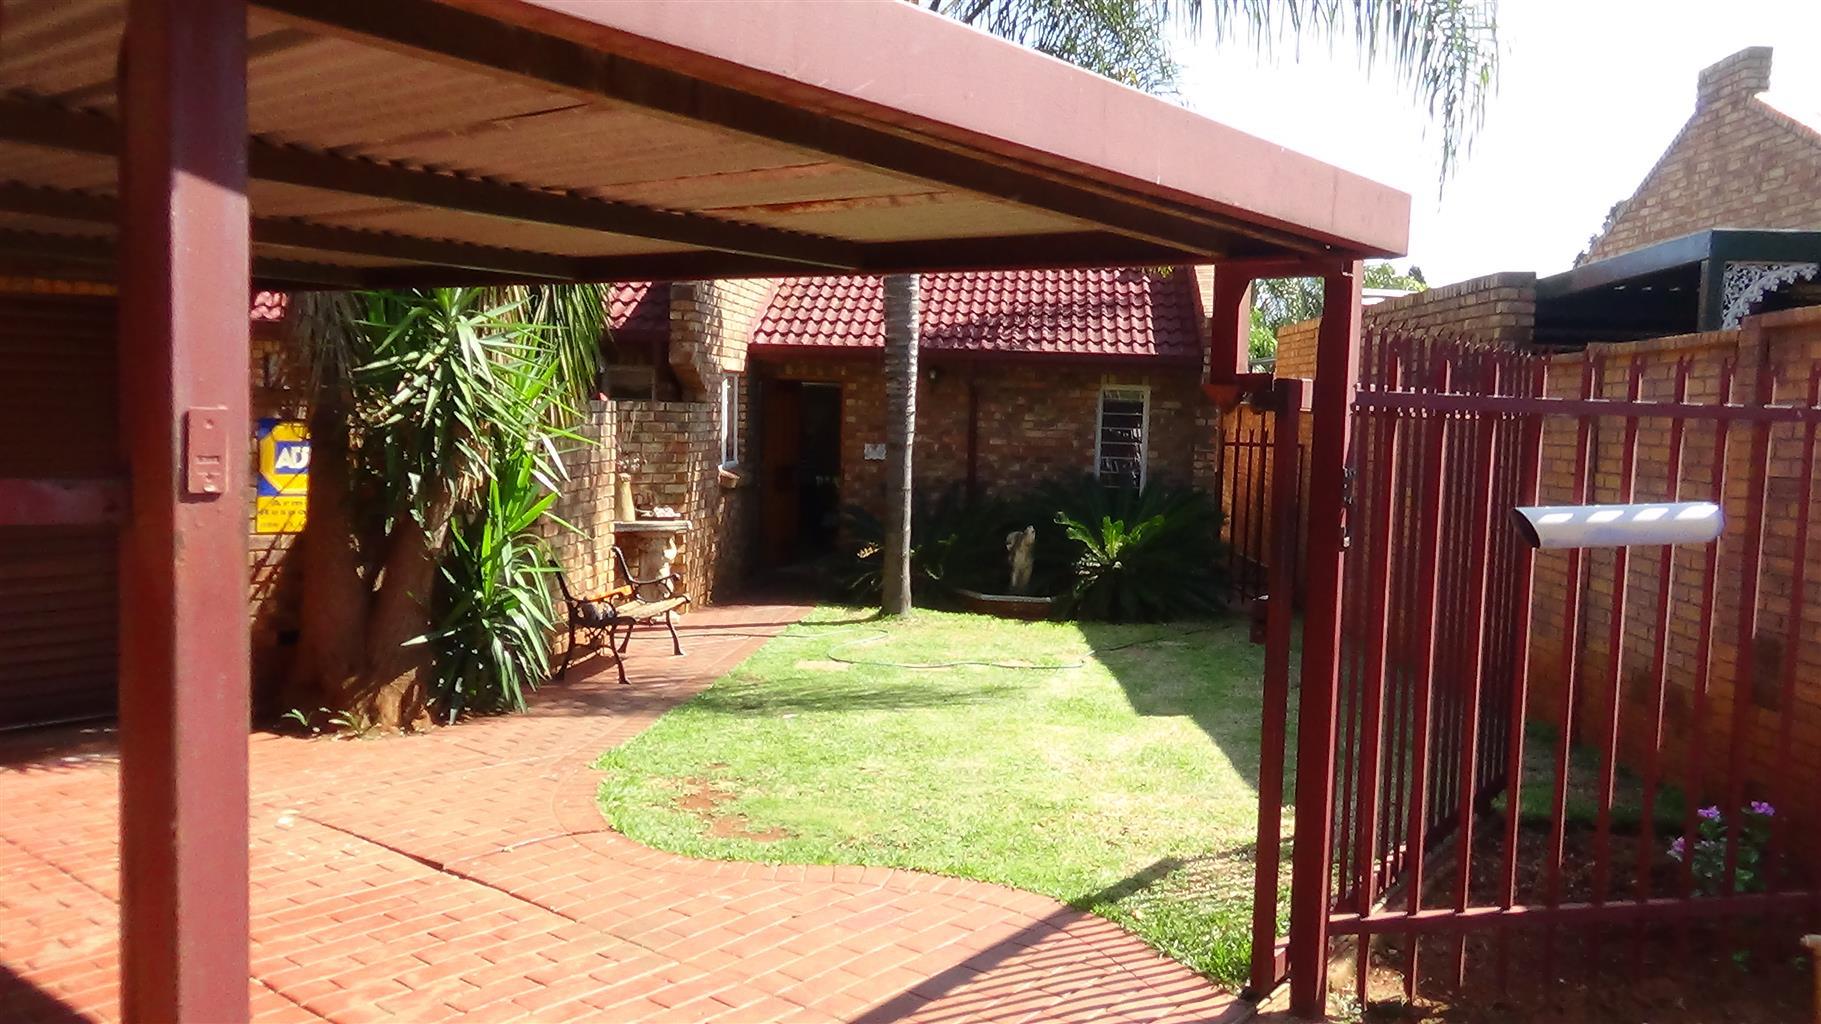 3 Bedroom in Doornport – R 1 030 000